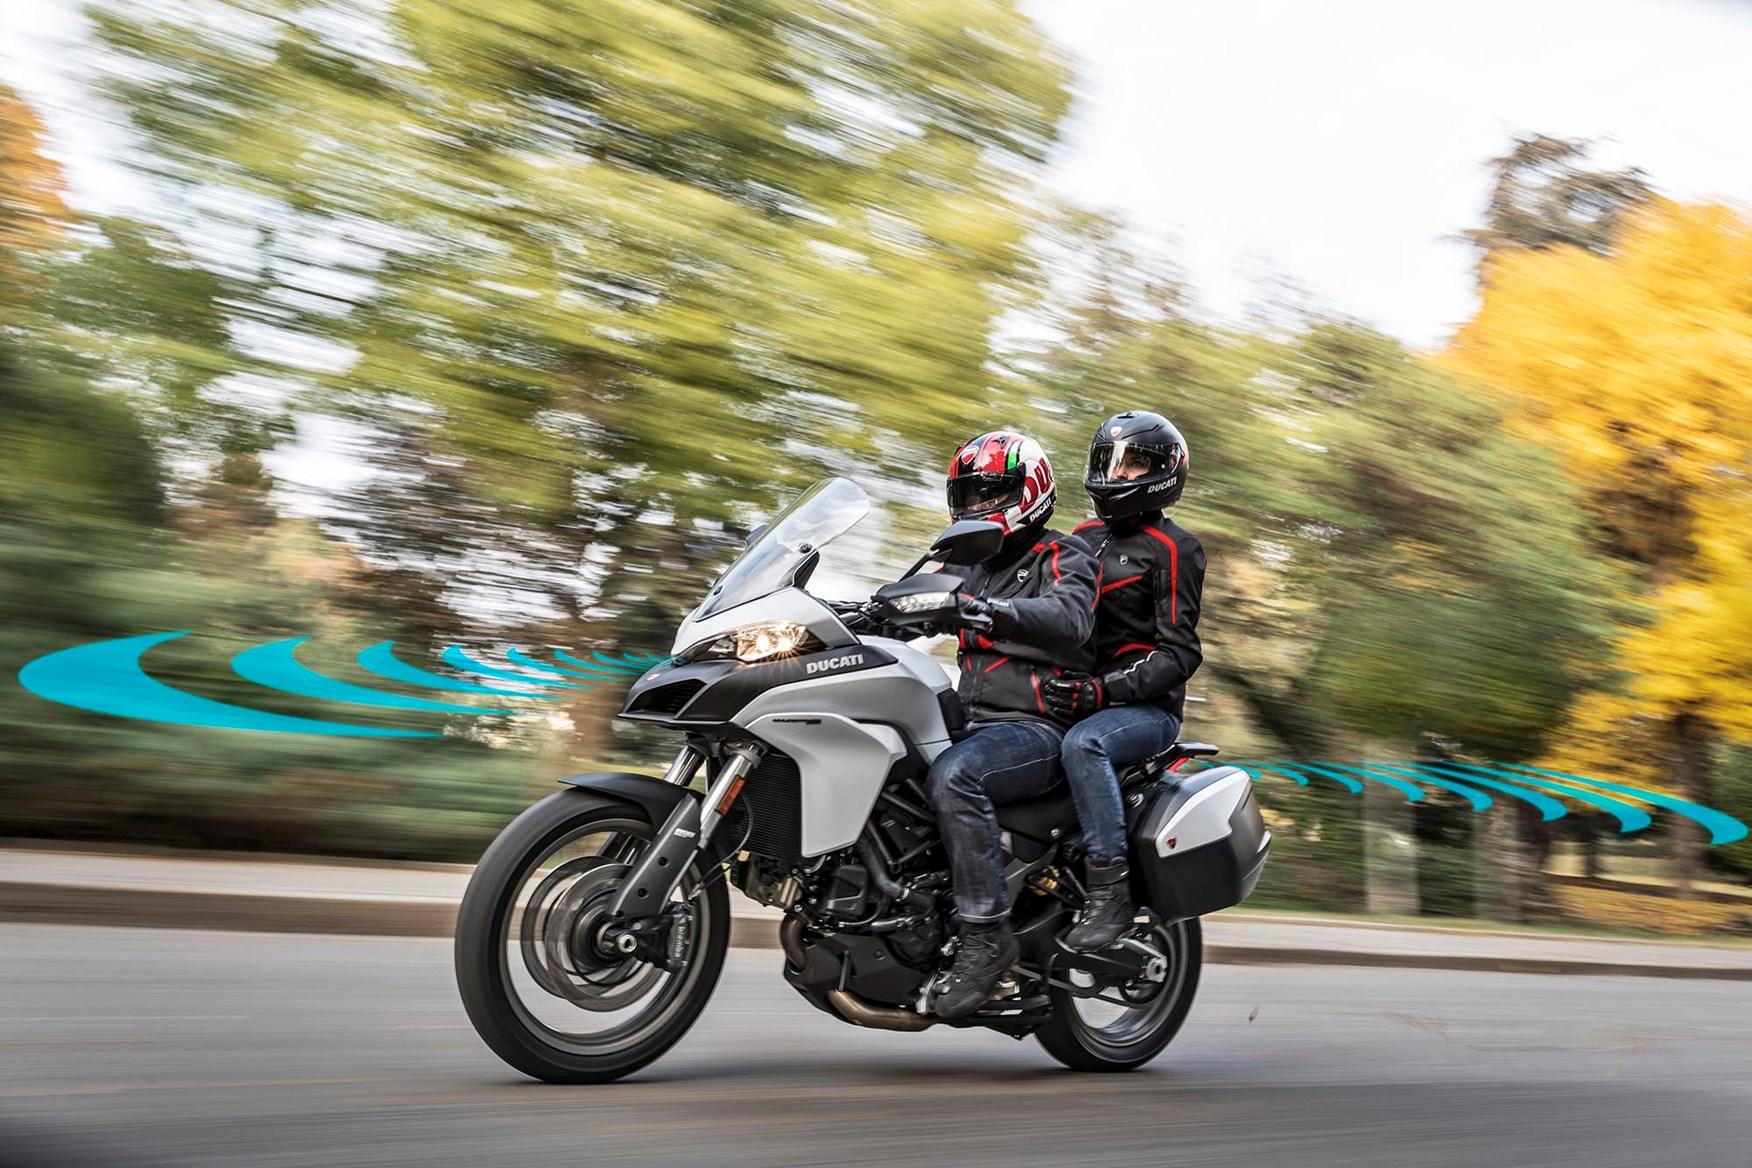 Ducati го потврдува нивниот континуиран фокус во однос на безбедноста на возачот